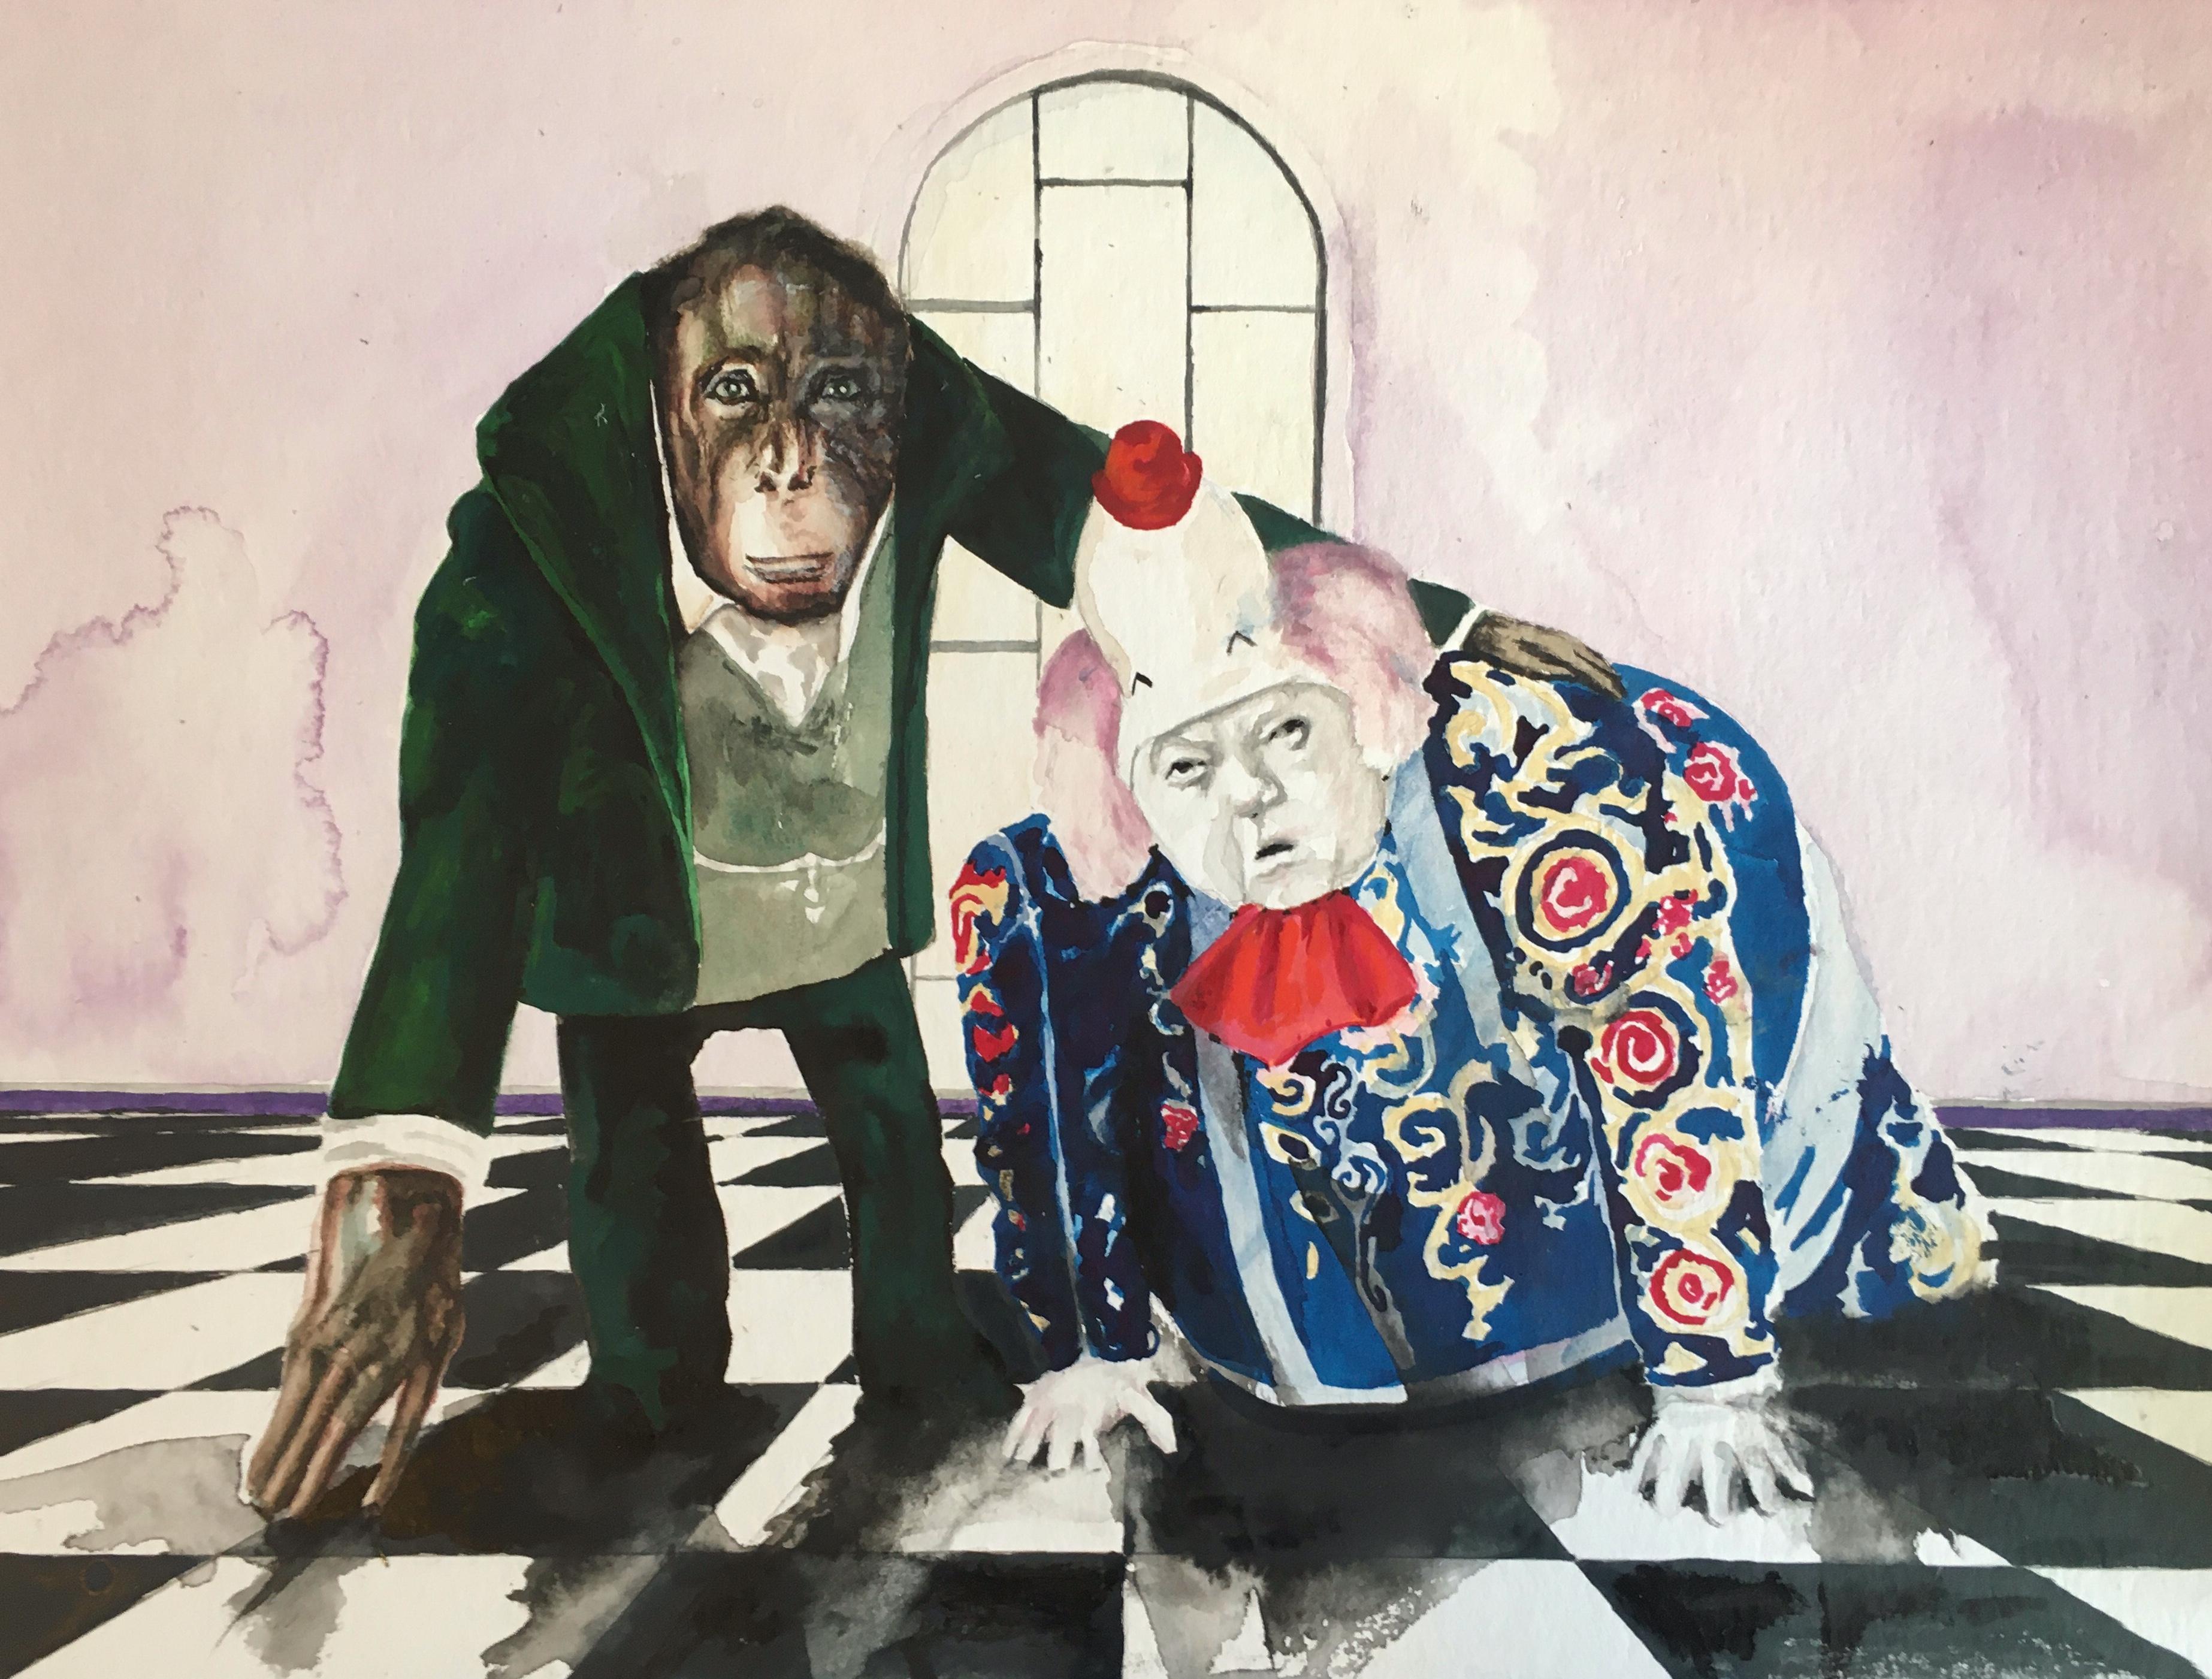 clown Schachbrett Boden linoleum aquarelle watercolours painter Berlin art Berlin affe money orang utan Kunst art Malerei painting oil painting hyperealistisch hyperrealism